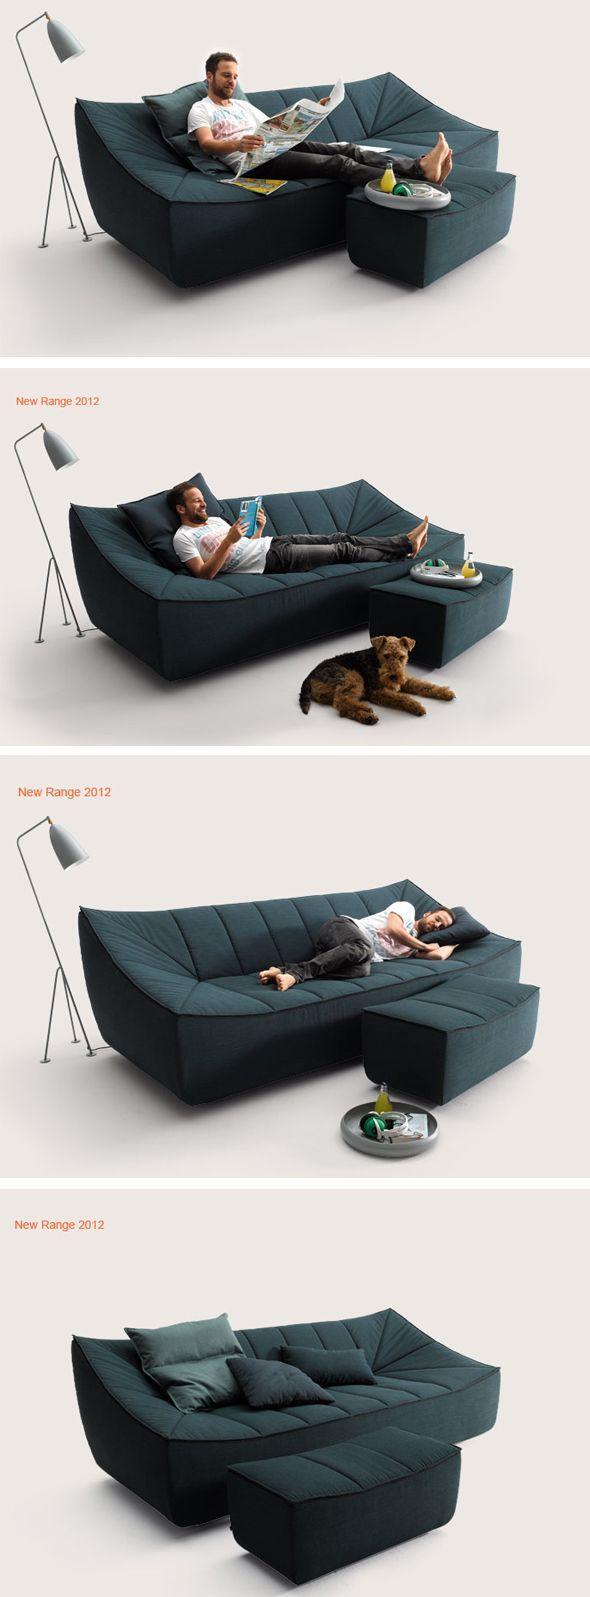 소파 침대에 관한 상위 25개 이상의 Pinterest 아이디어  슬리퍼소파